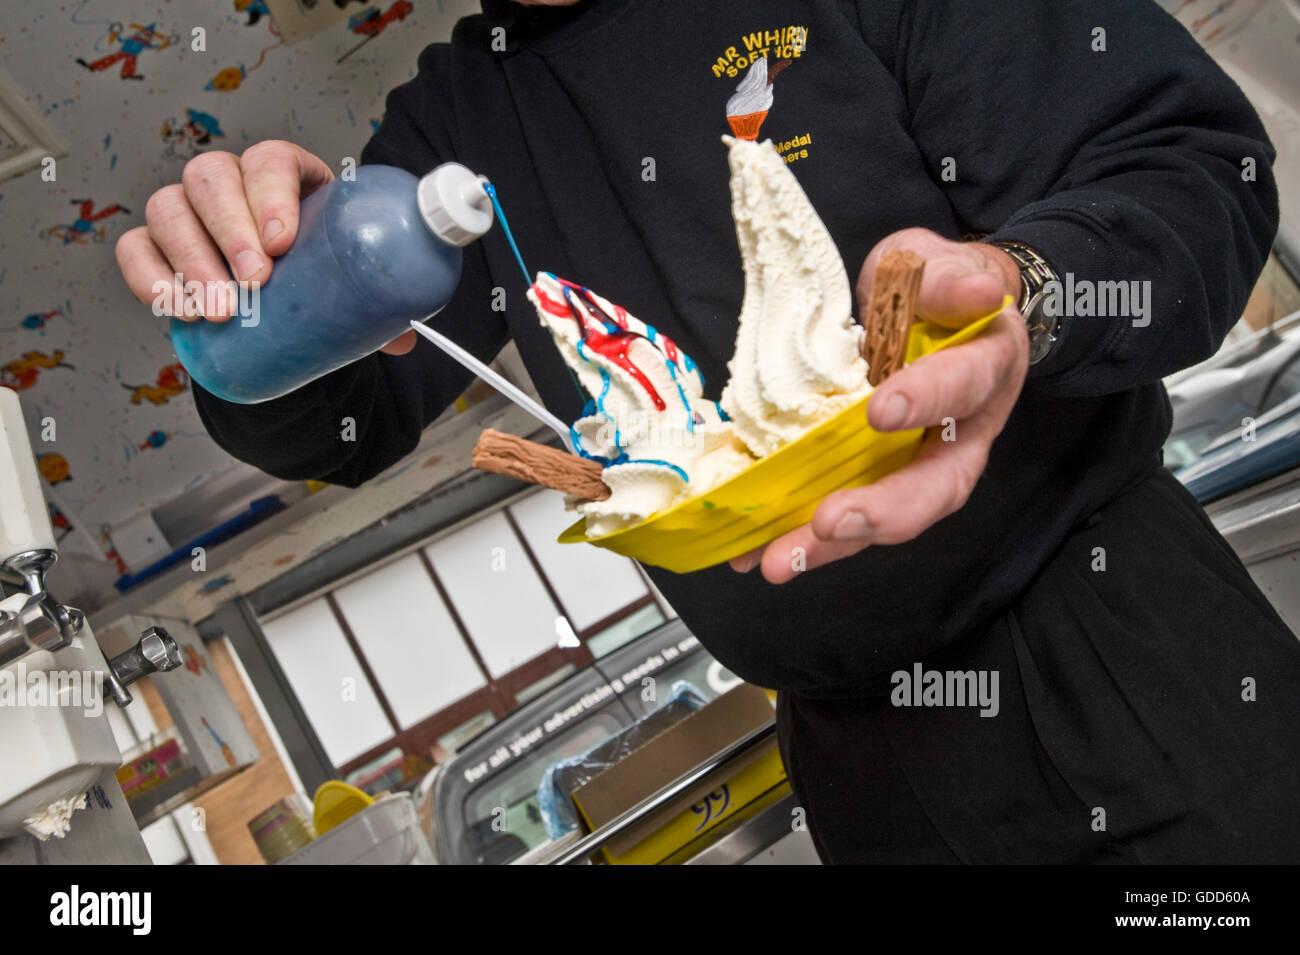 Lavoratori a Honiton Industrial Estate posto i loro ordini. A volte il boss ordinerà il gelato per il suo personale Immagini Stock